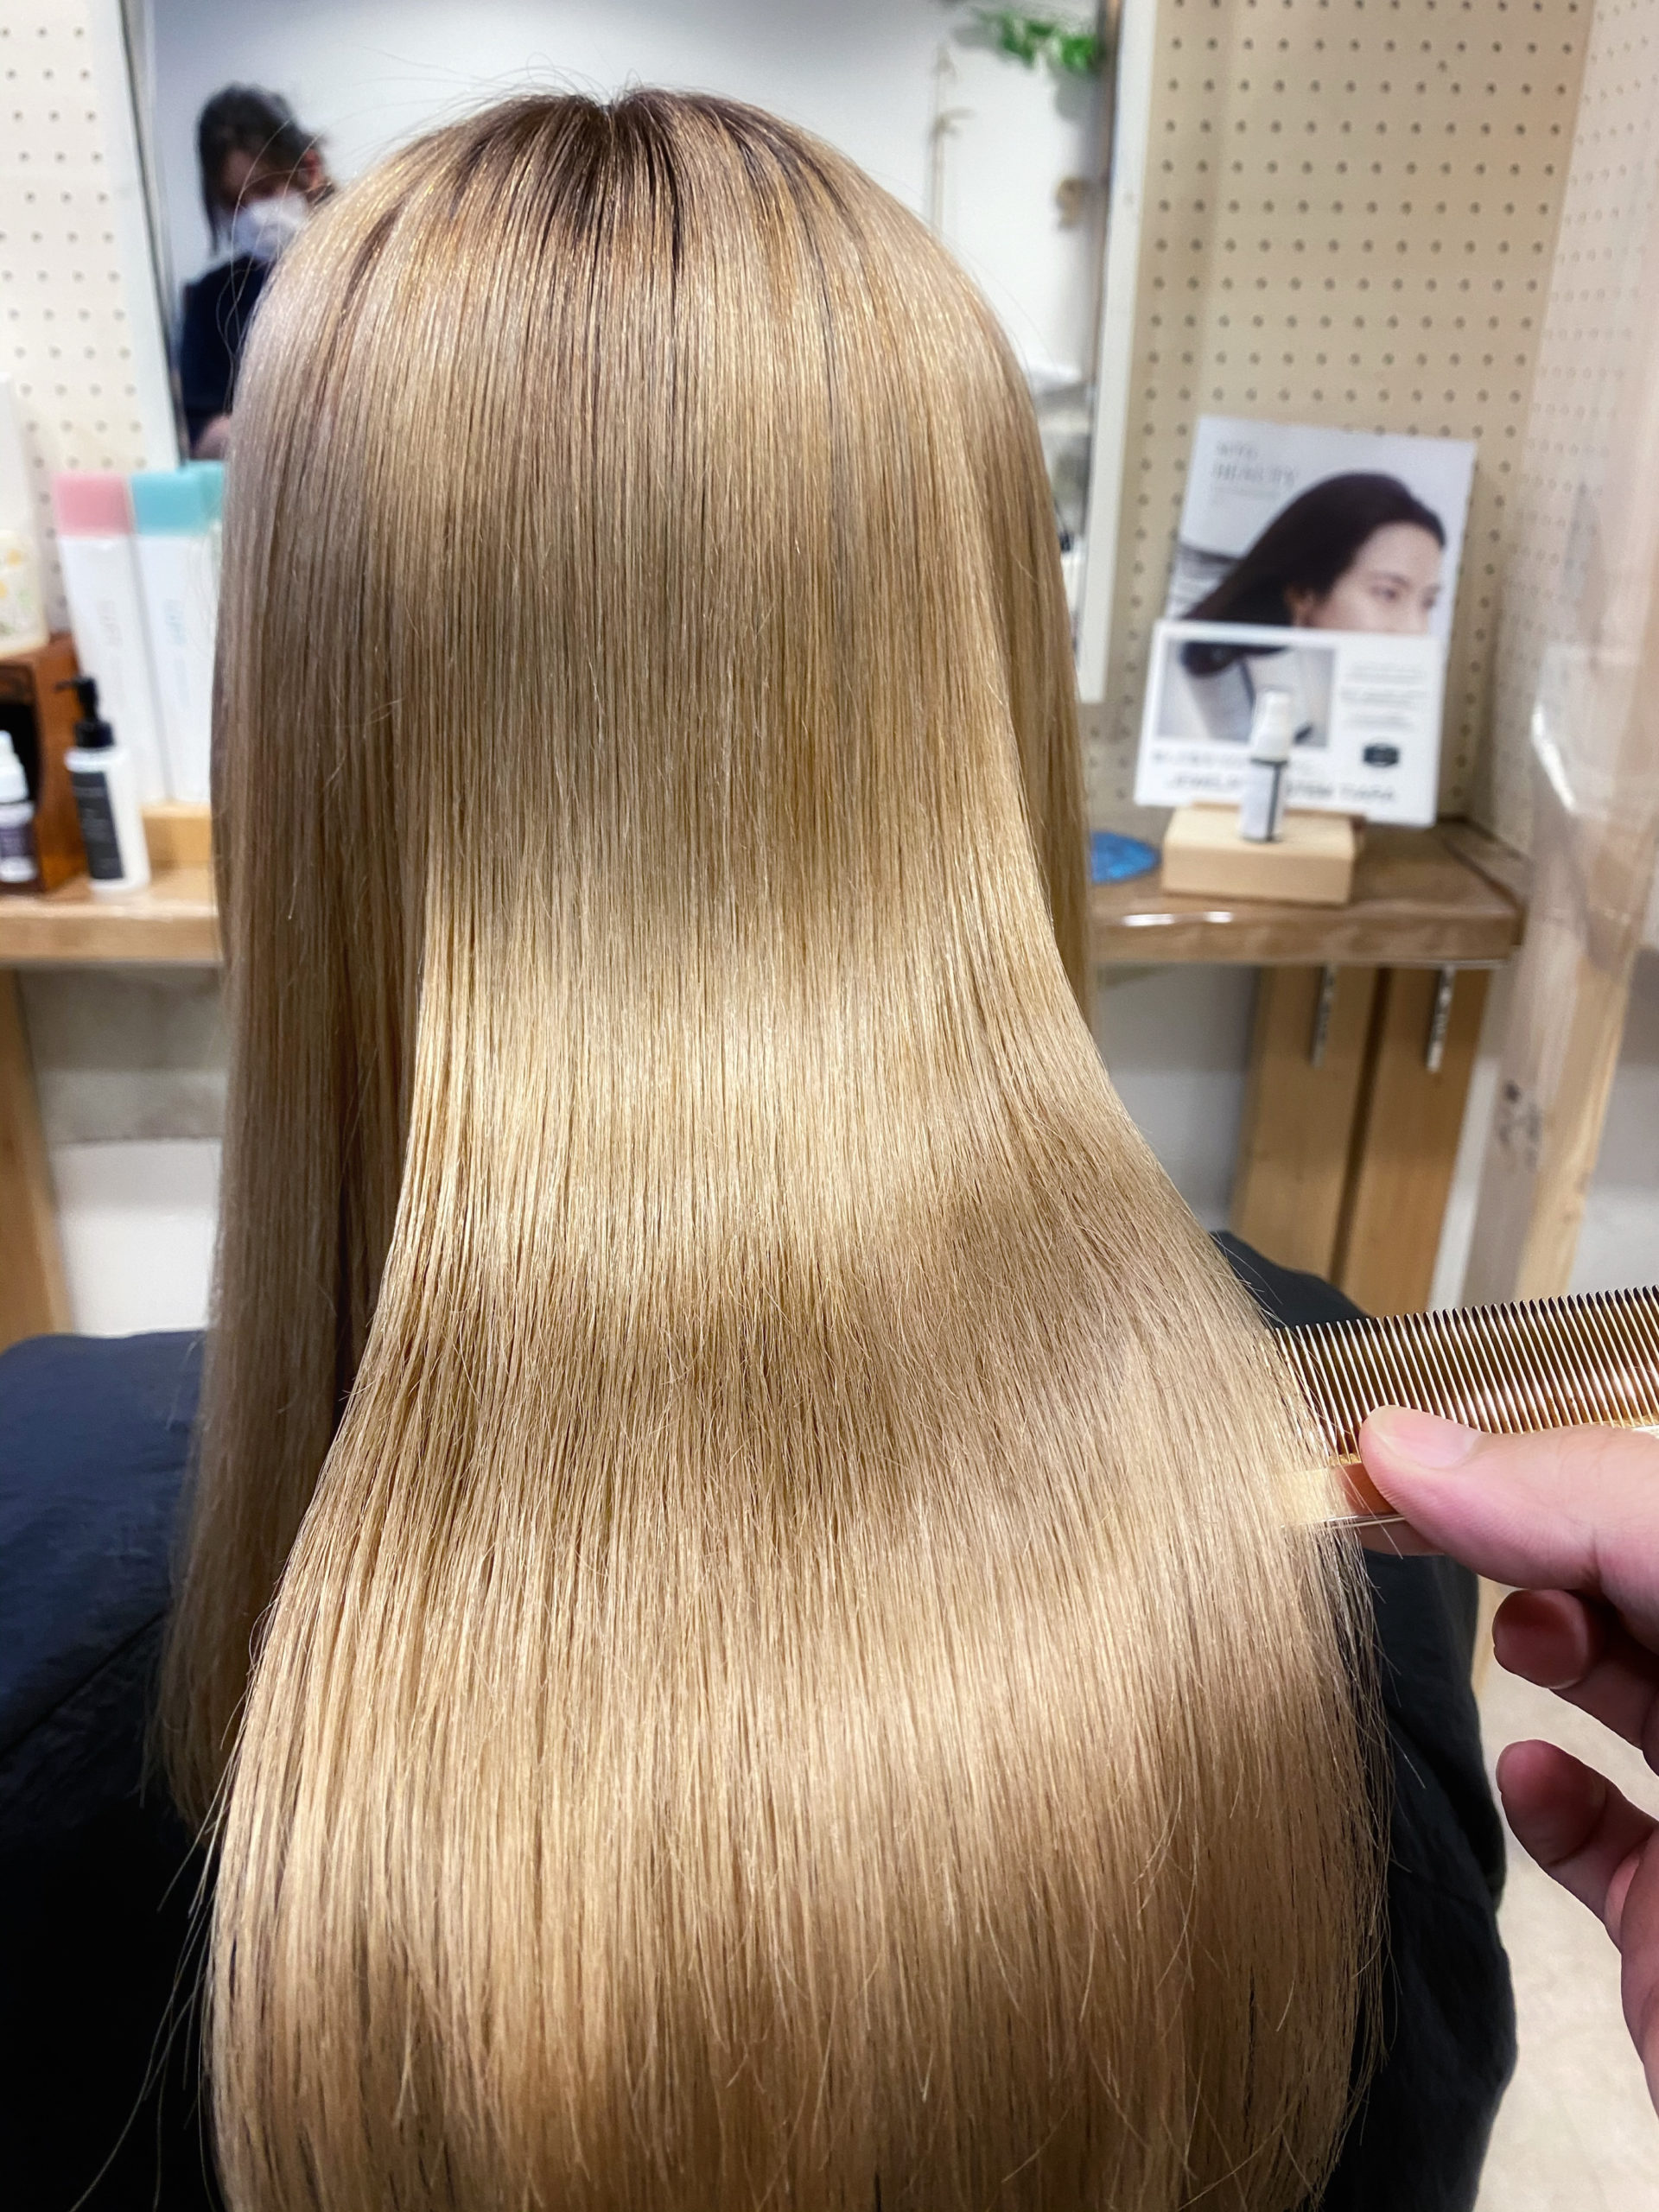 ブリーチ毛の方を縮毛矯正で艶髪ストレートヘア。原宿・表参道『髪のお悩みを解決するヘアケア美容師の挑戦』